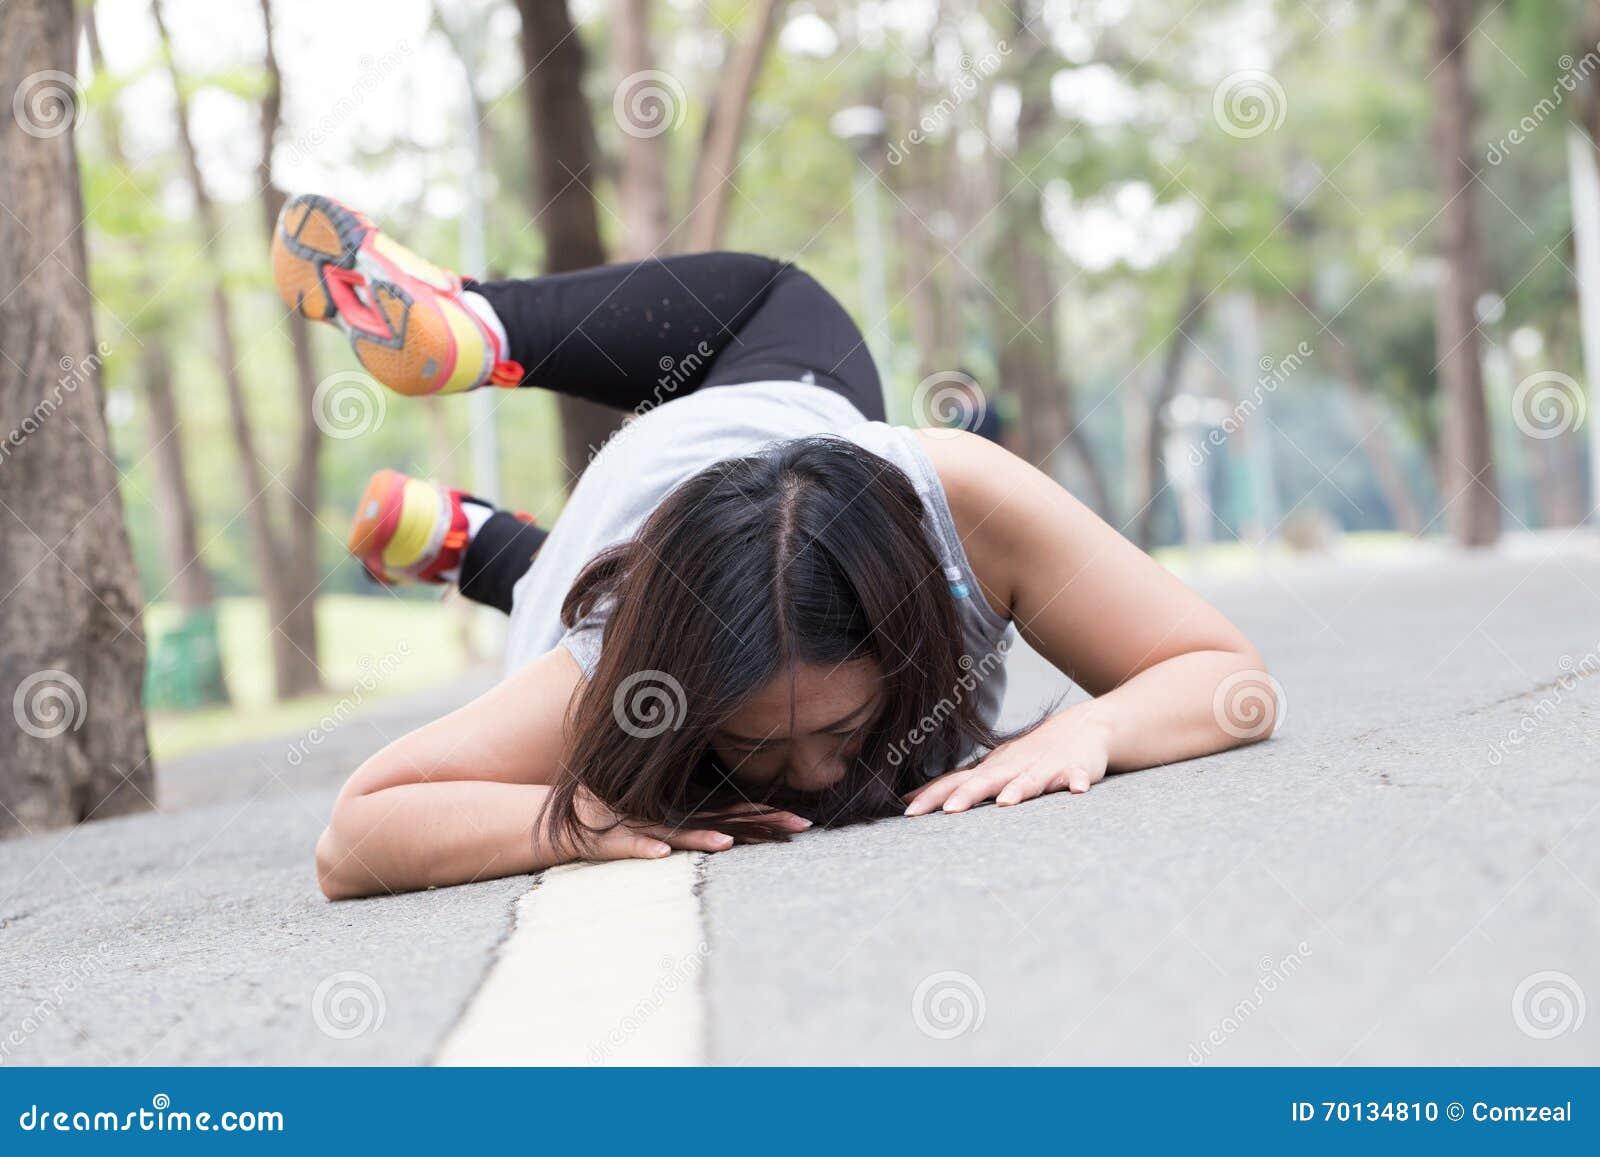 Wypadek ono potyka się i spada podczas gdy jogging